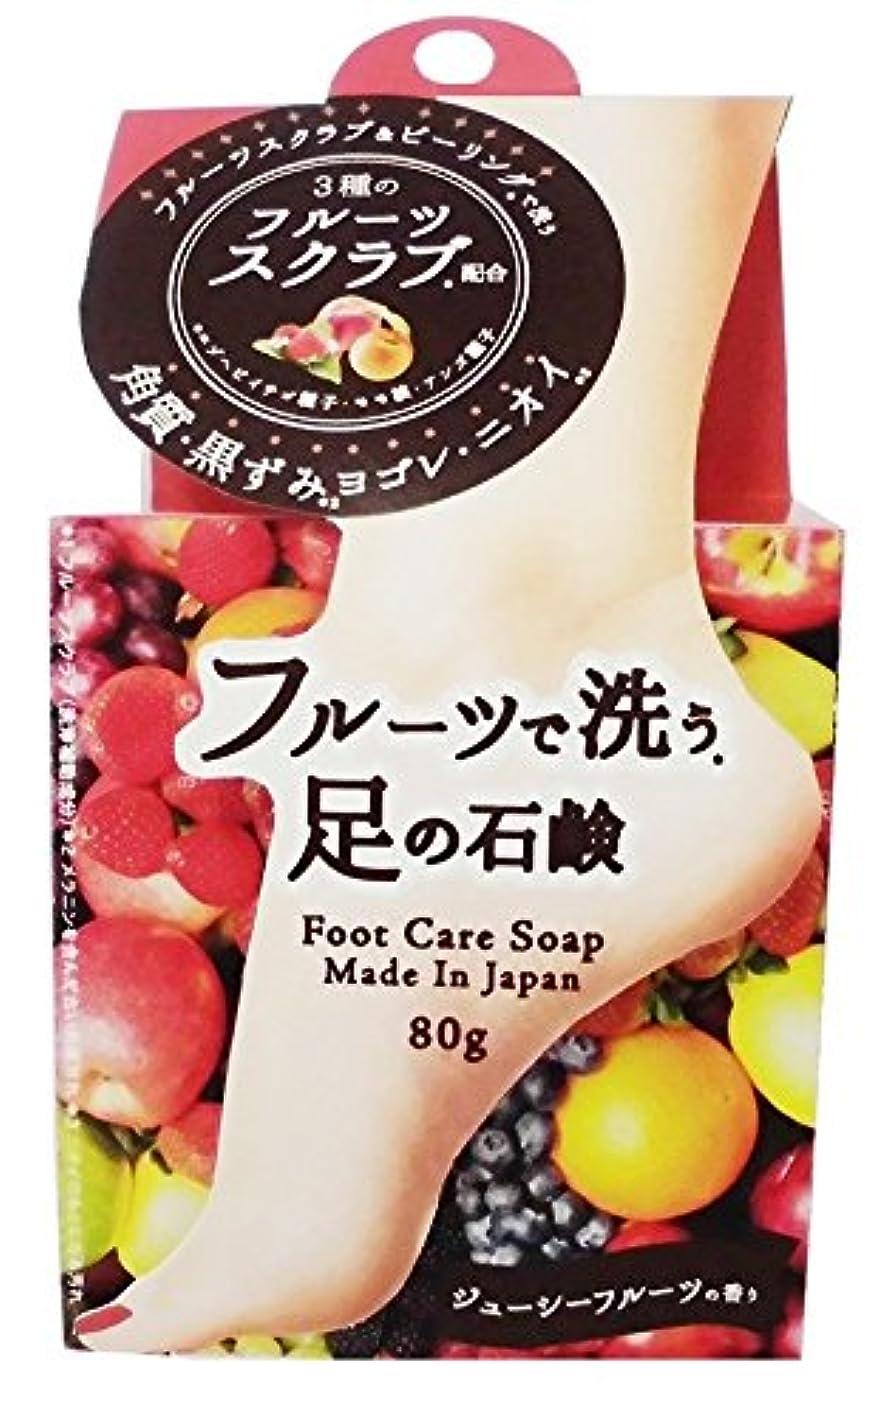 ましい確認する速度ペリカン石鹸 フルーツで洗う足の石鹸 80g